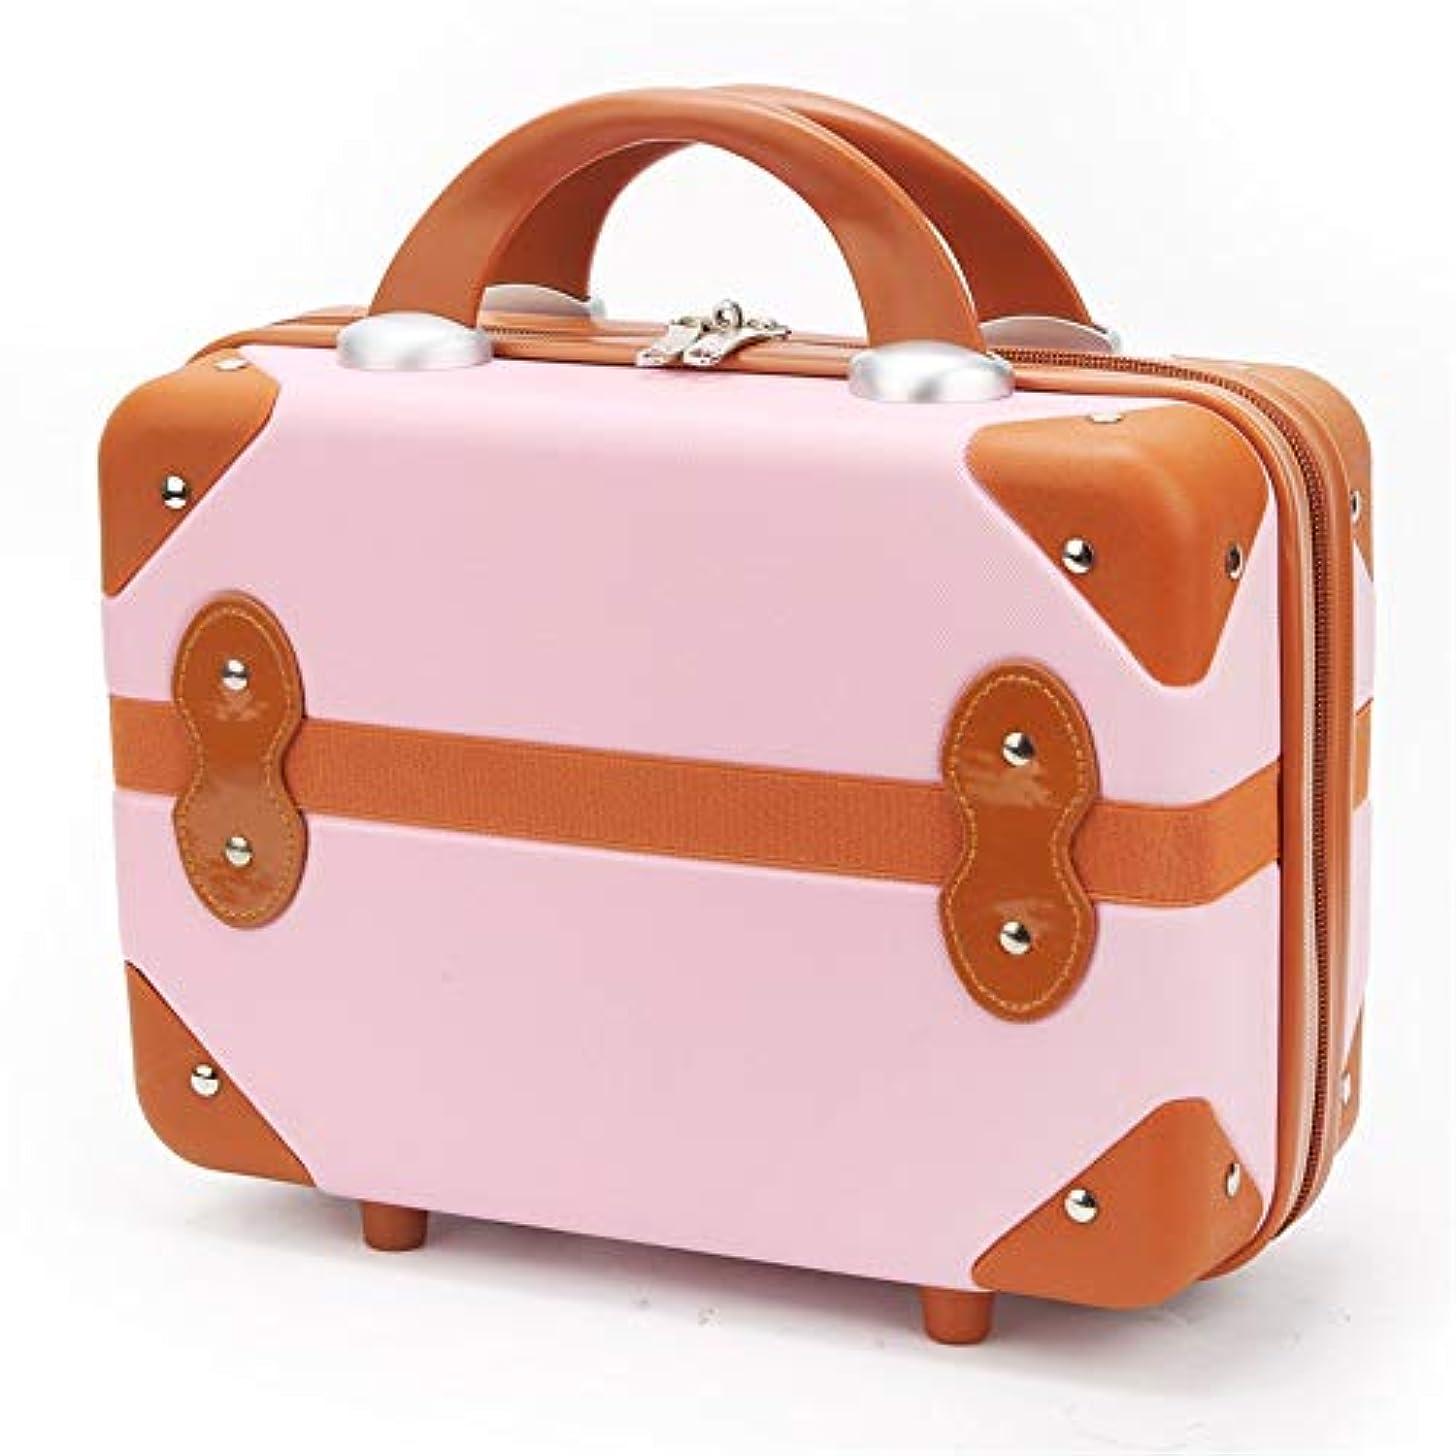 化粧オーガナイザーバッグ 14インチのメイクアップトラベルバッグPUレター防水化粧ケースのティーン女の子の女性アーティスト 化粧品ケース